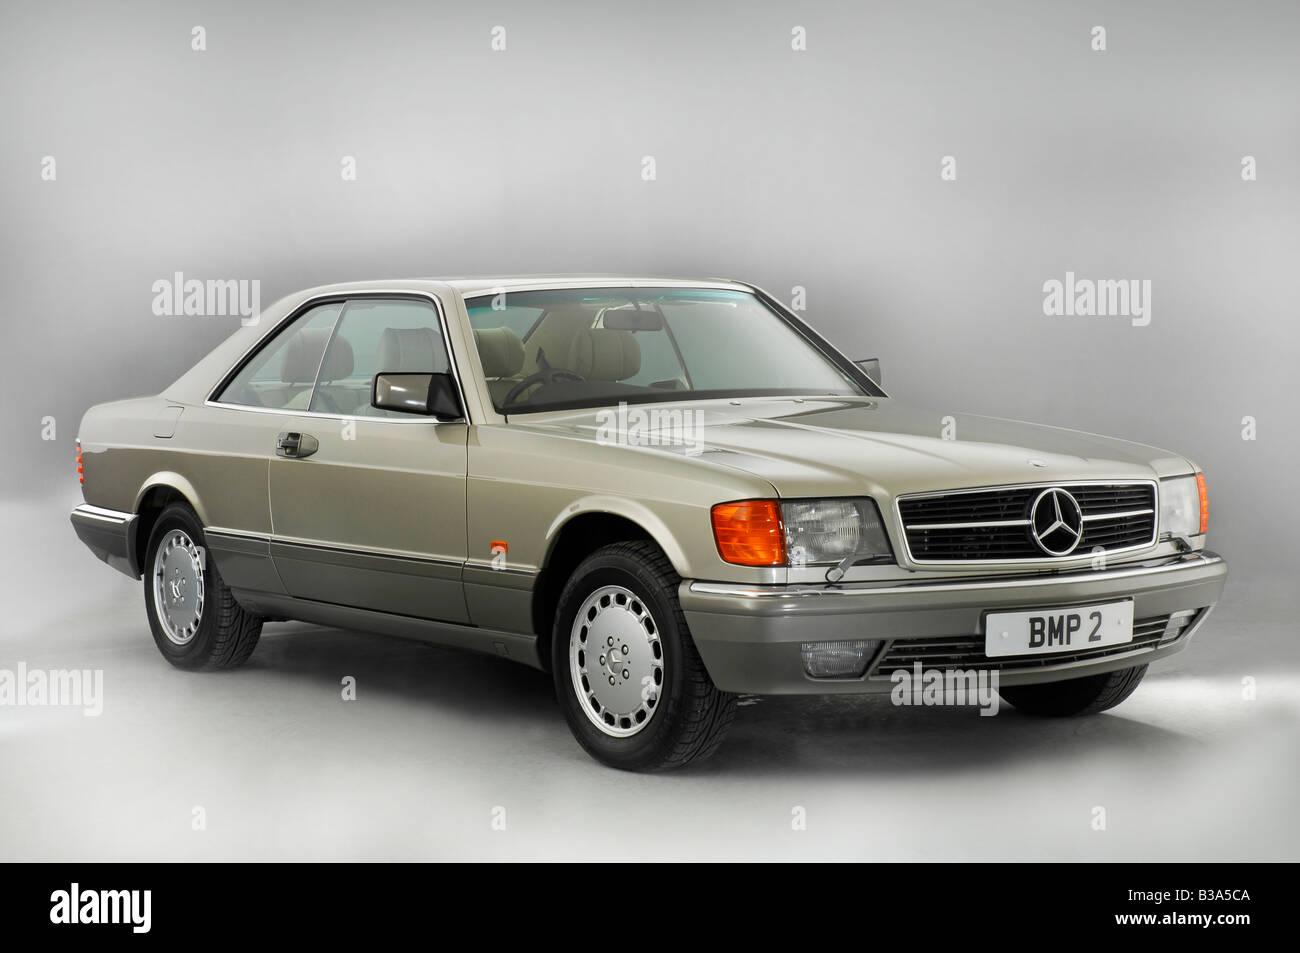 1990 Mercedes-Benz 500 SEC Photo Stock